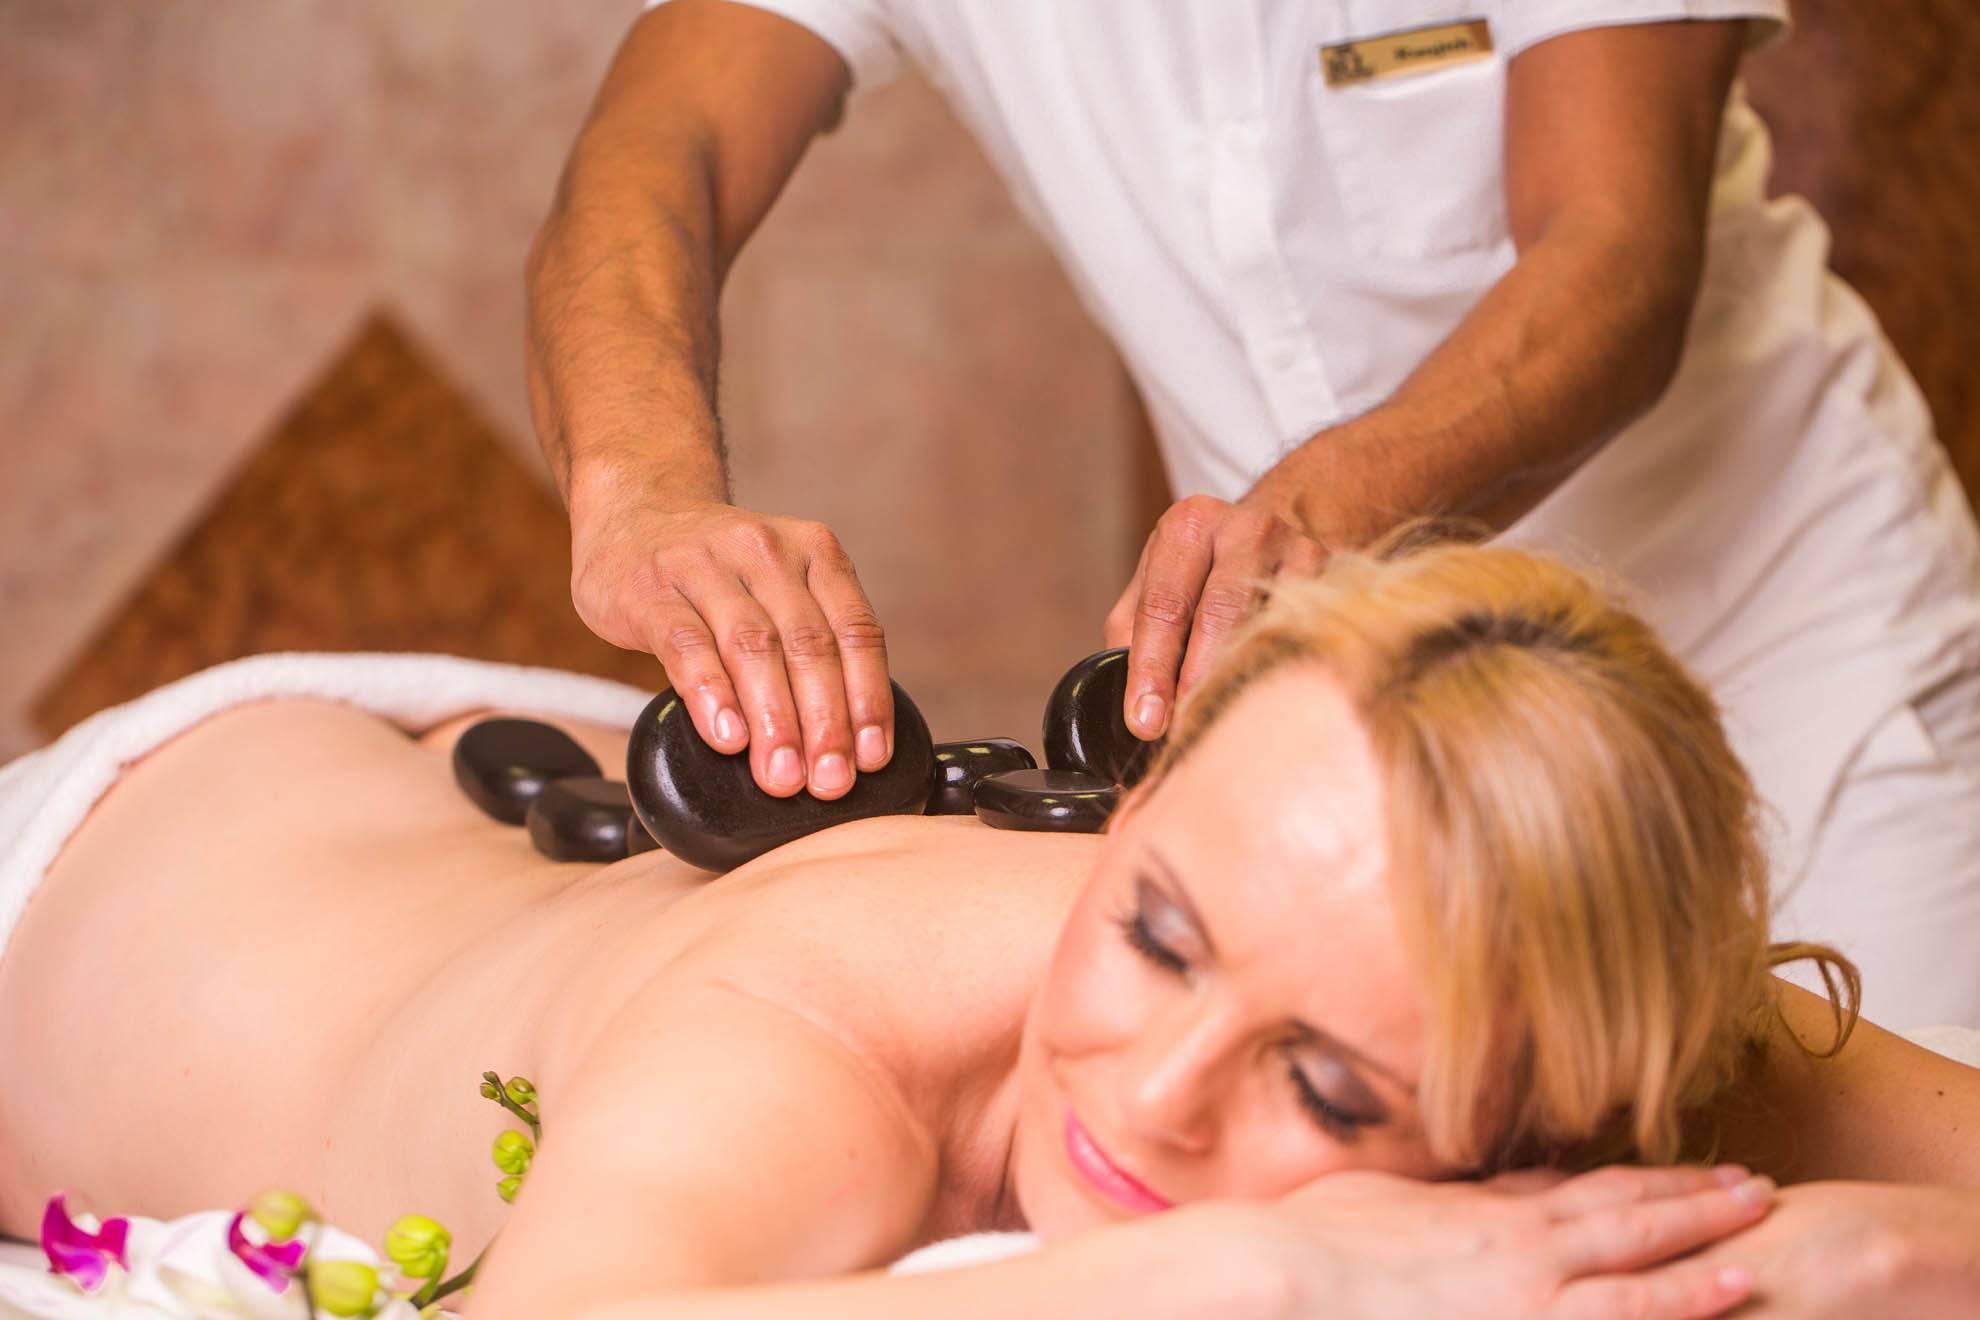 Секс принудительный на массаже, Порно видео с массажем, делает массаж парню 26 фотография